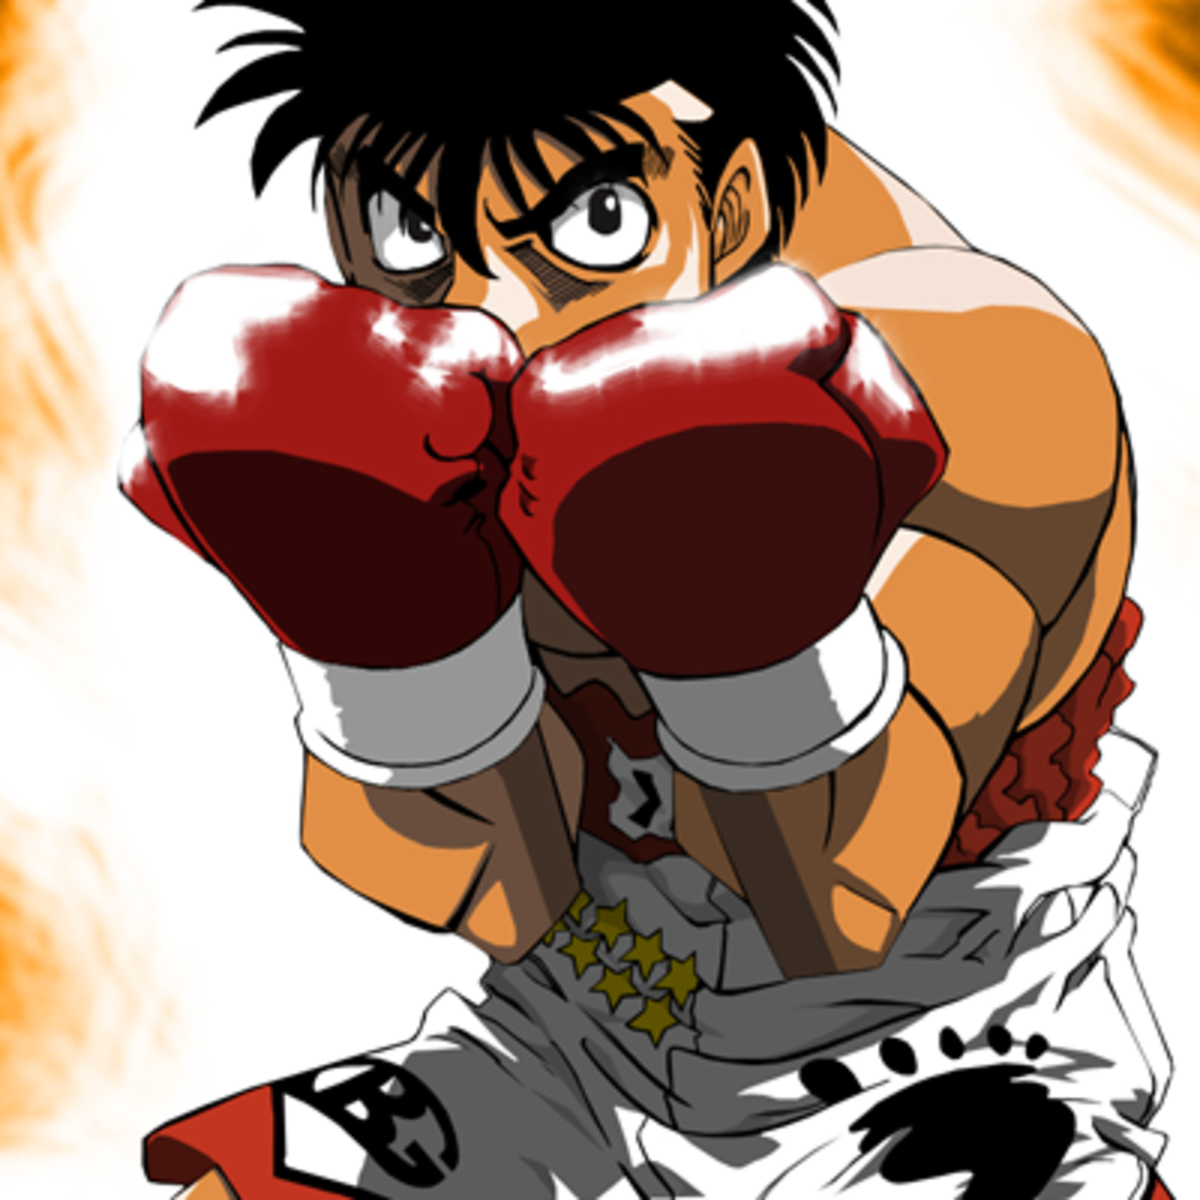 Ippo Magunochi in a defensive pose.